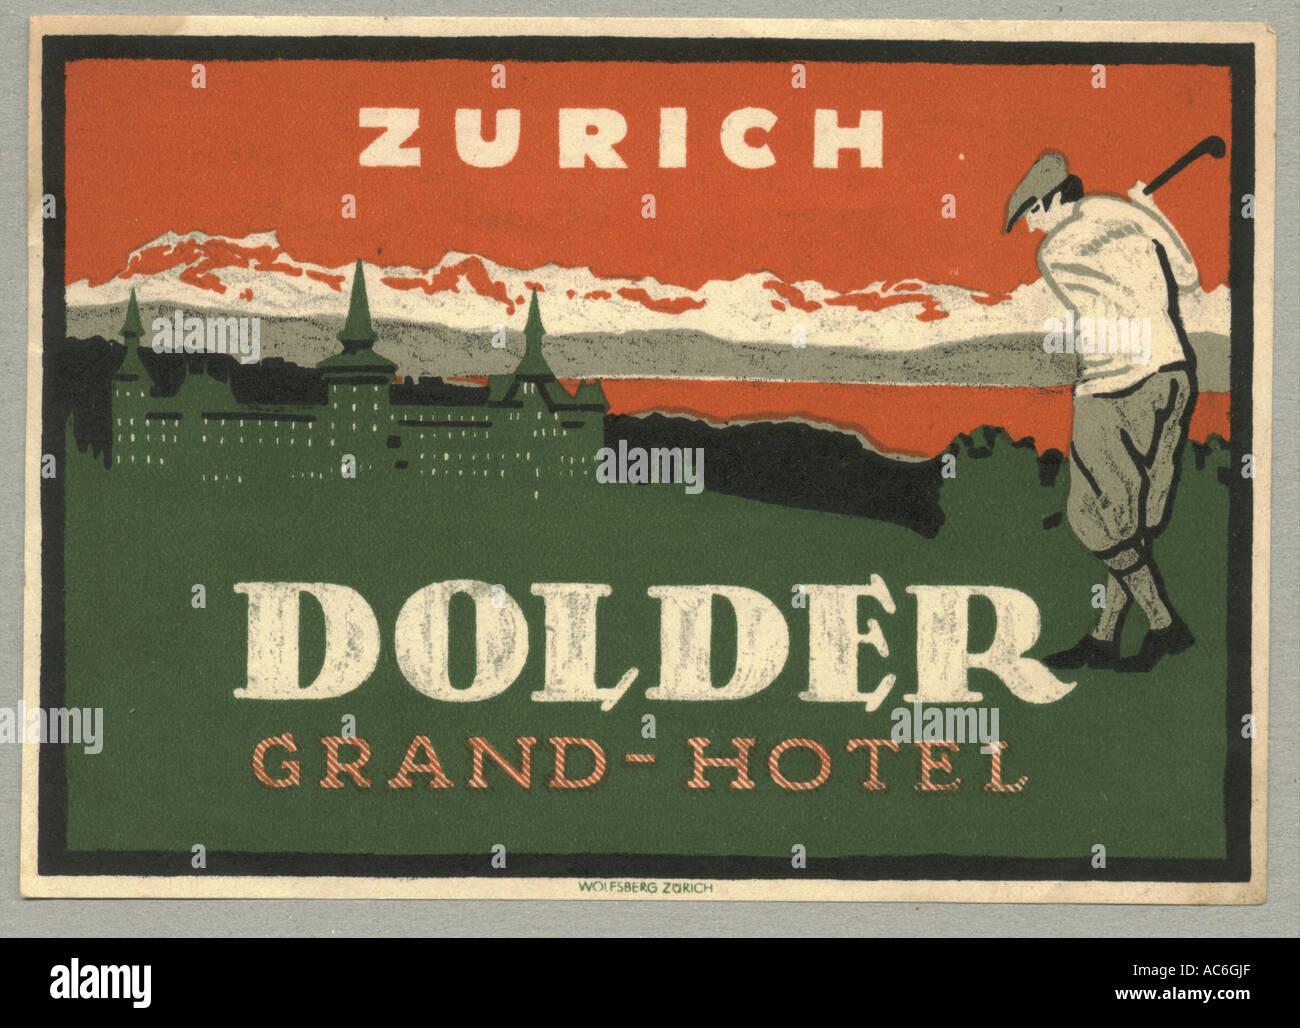 ZURICH SWITZERLAND CITY HOTEL VINTAGE LUGGAGE LABEL